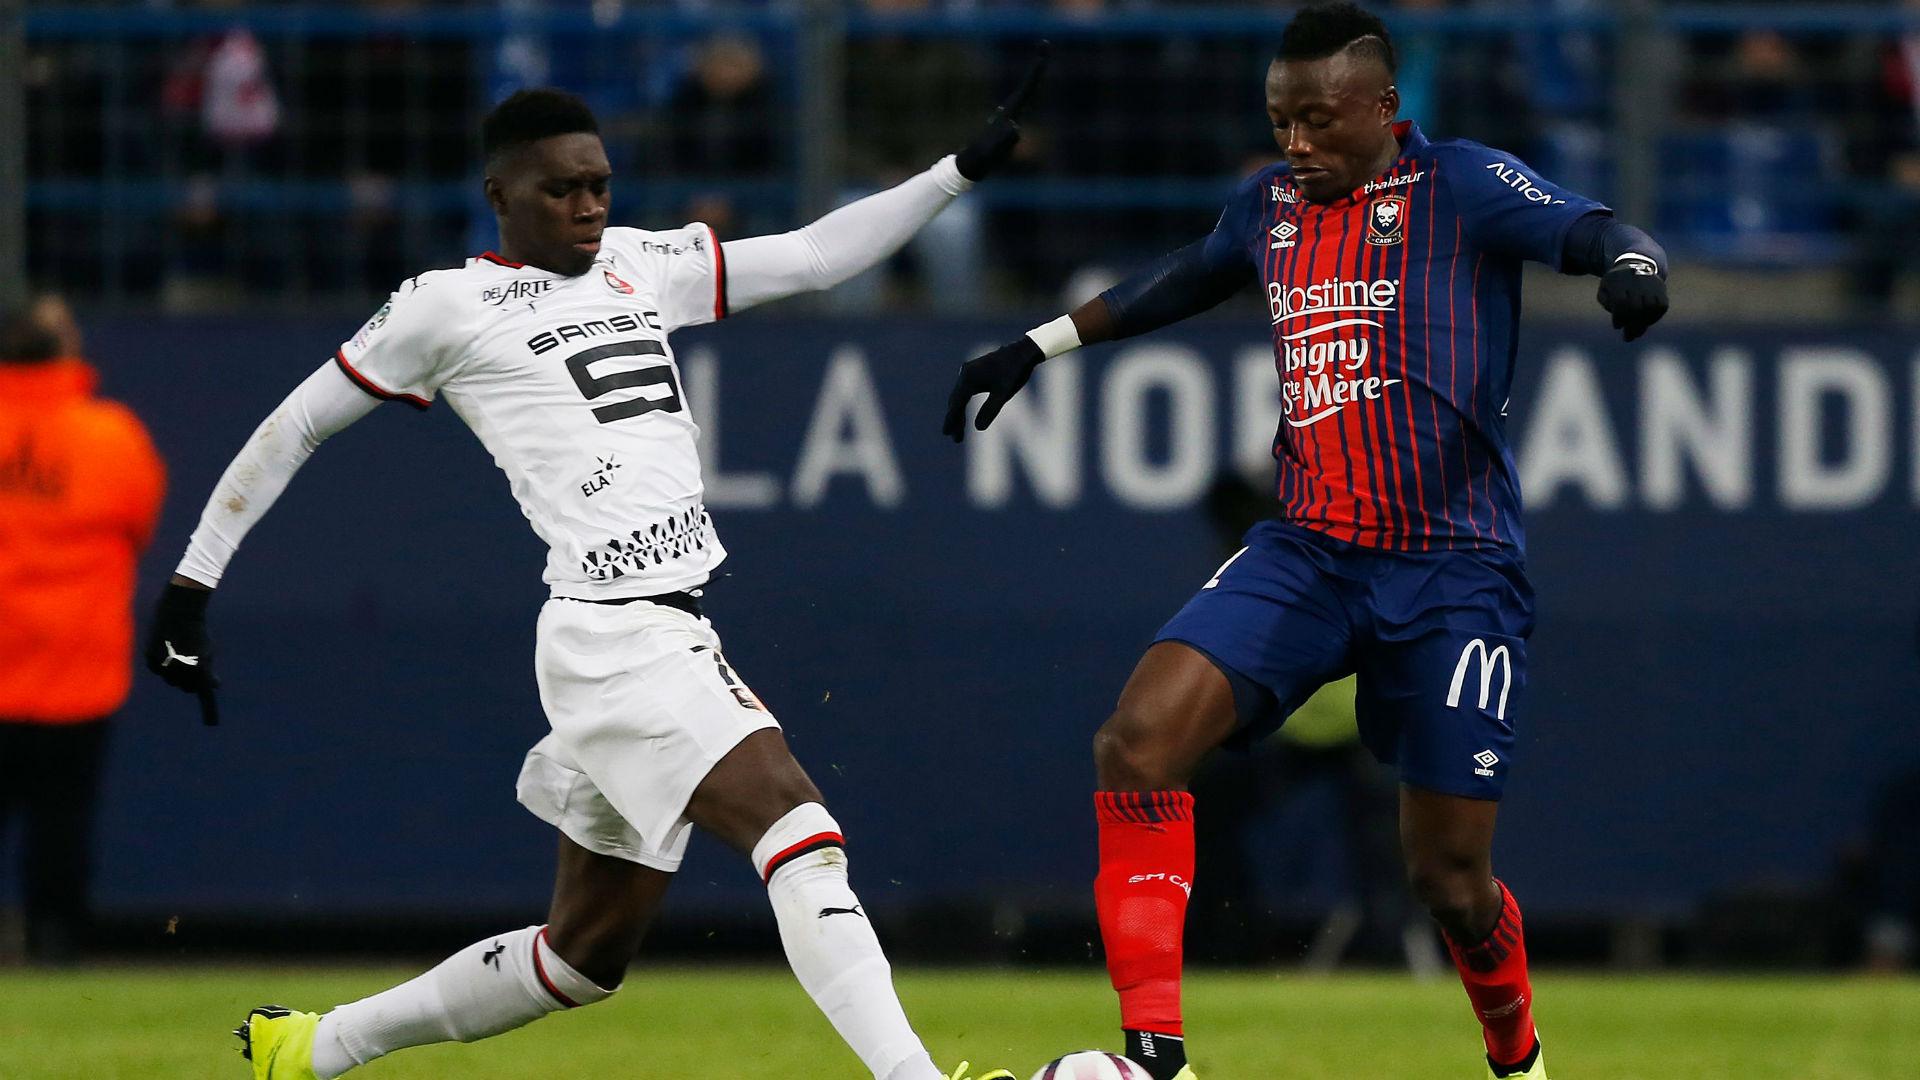 Ismaila Sarr Casimir Ninga Caen Rennes Ligue 1 03112018